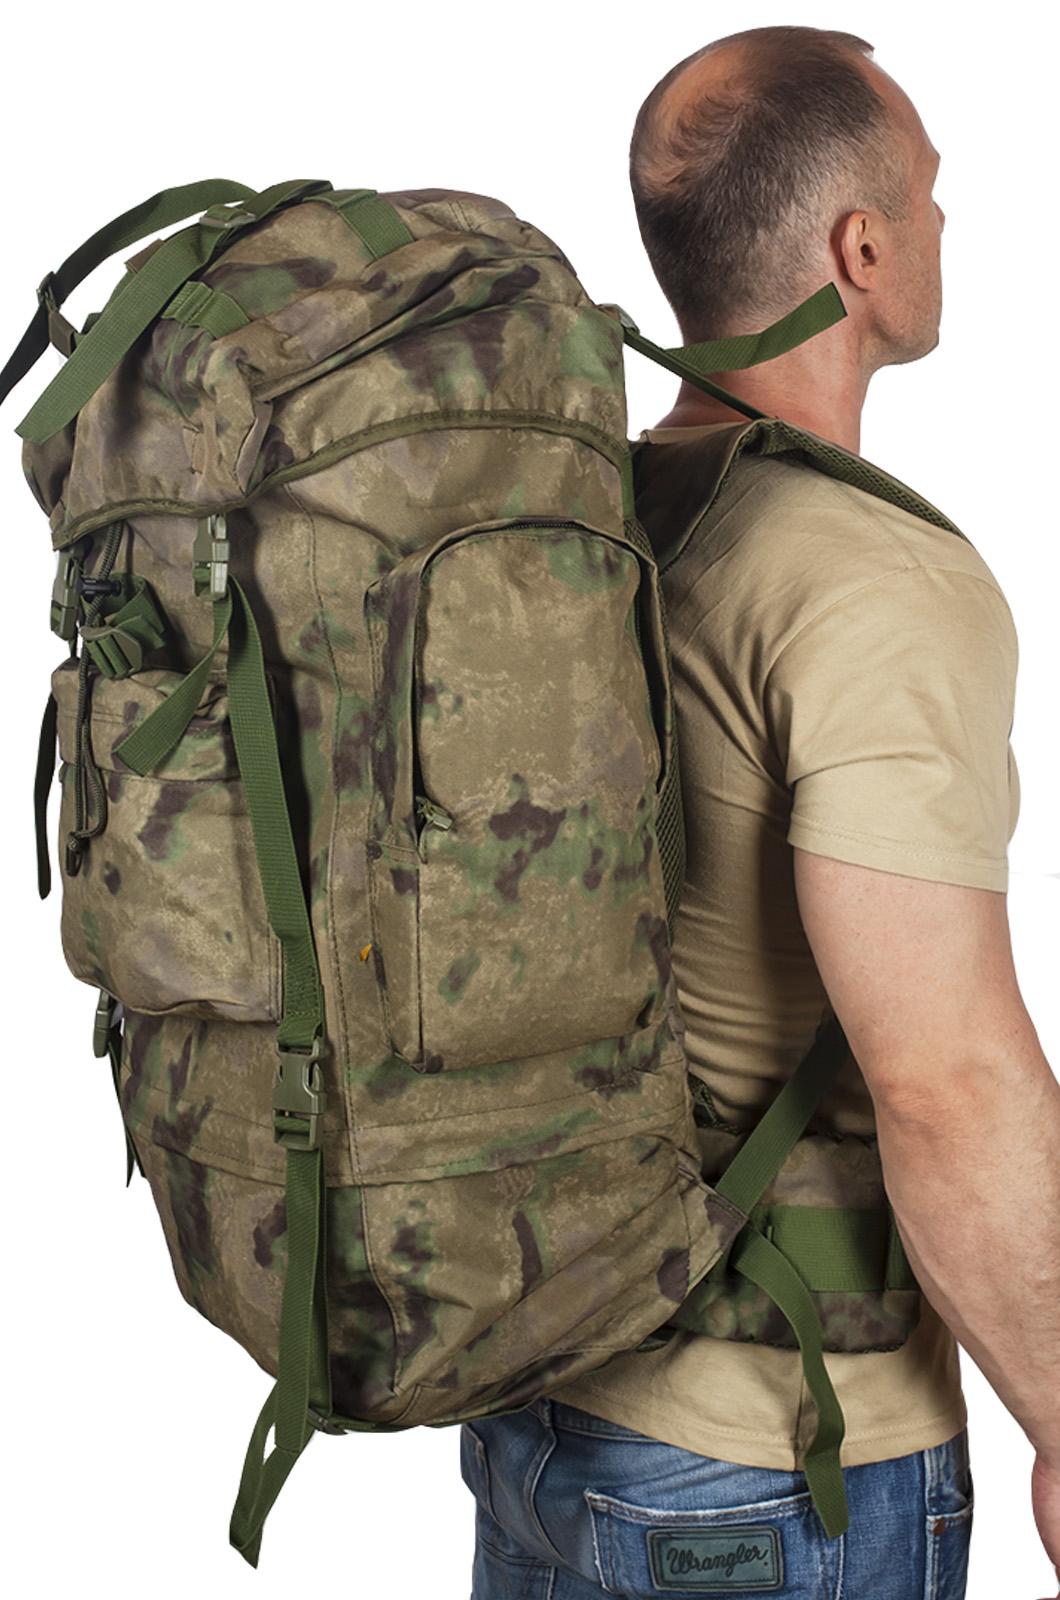 Полевой тактический рюкзак A-TACS FG Camo на 60 литров с доставкой